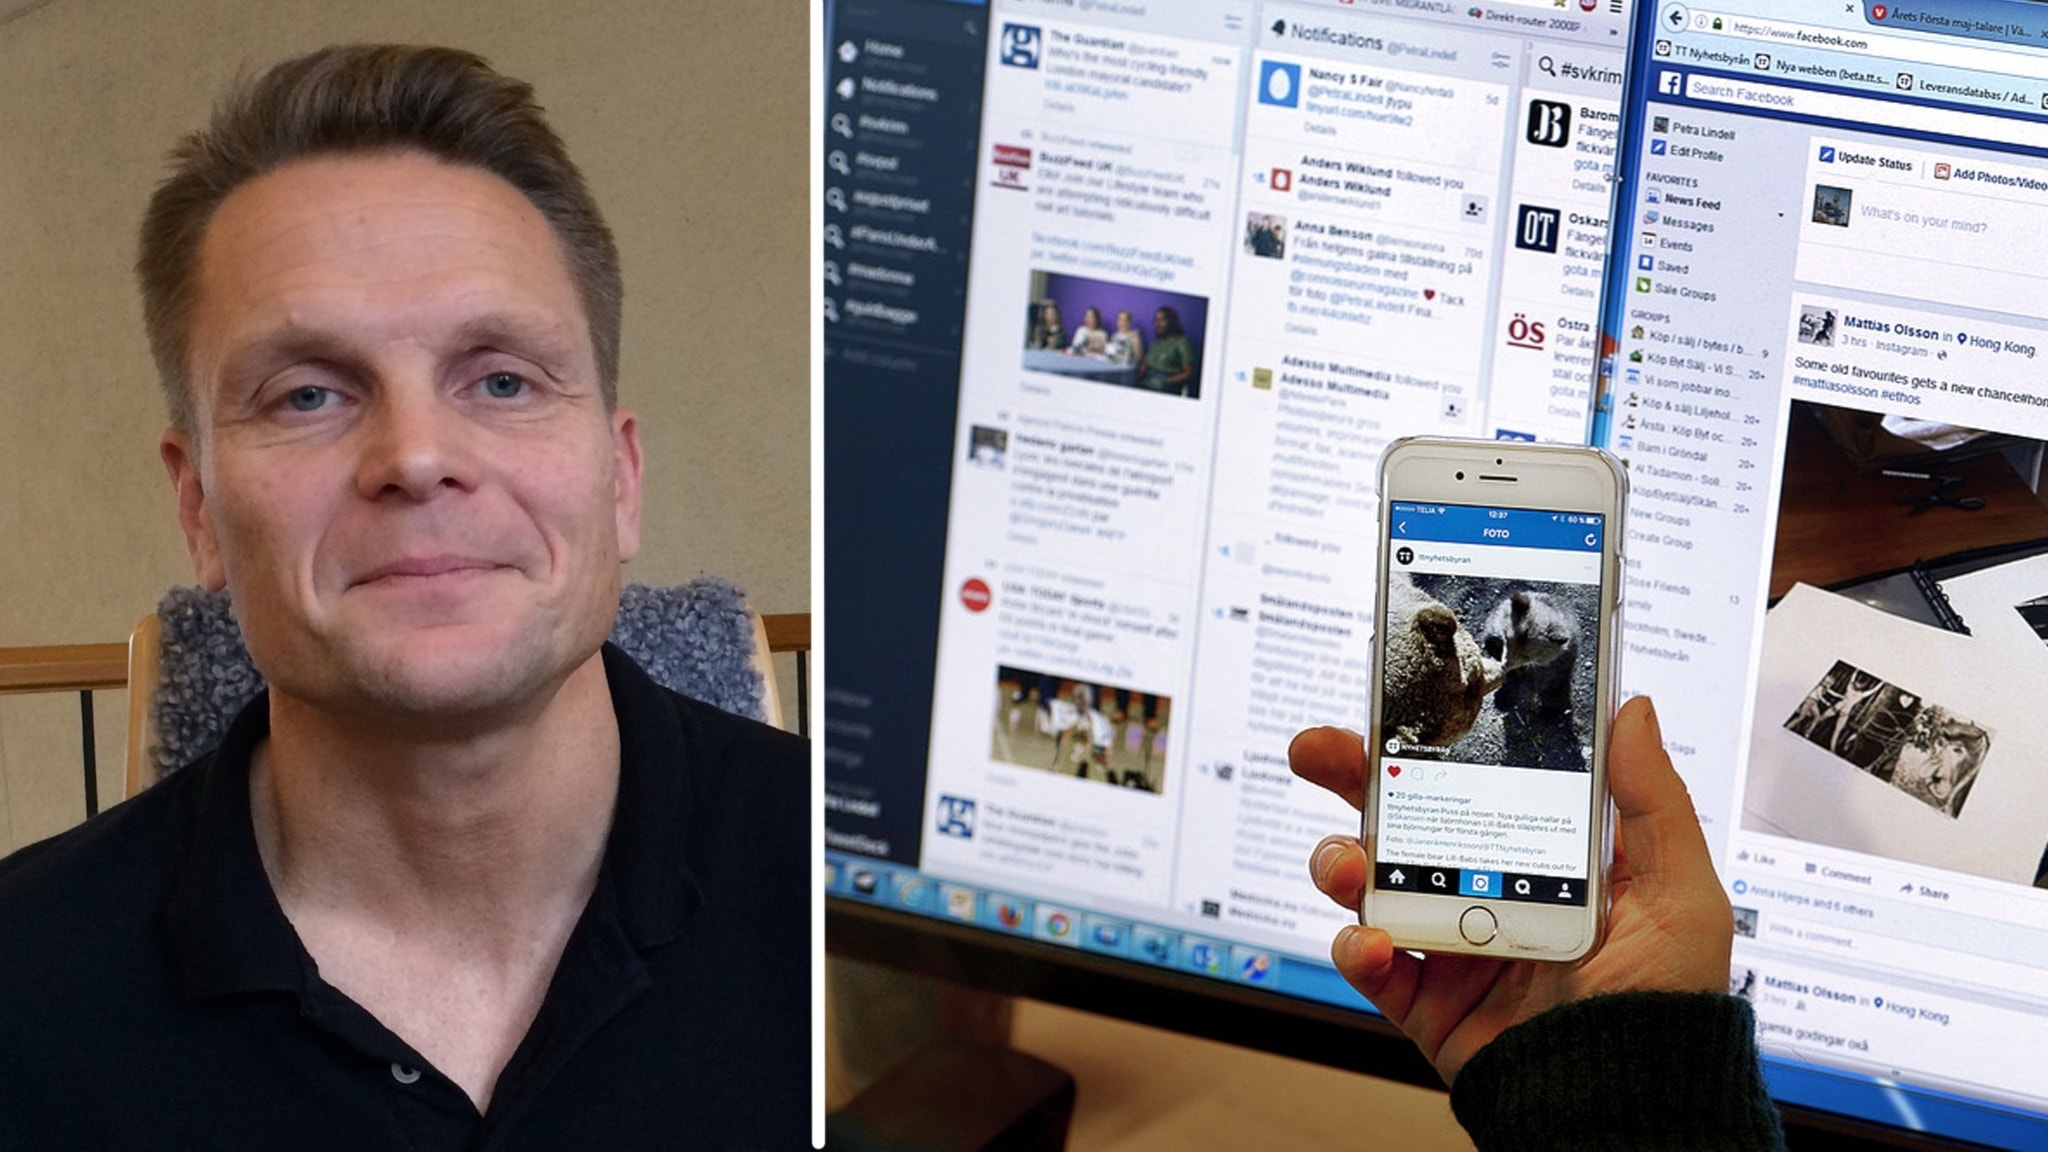 Nu i P4 Kristianstad: Massexperiment visar att ungdomar är källkritiska  - P4 Kristianstad